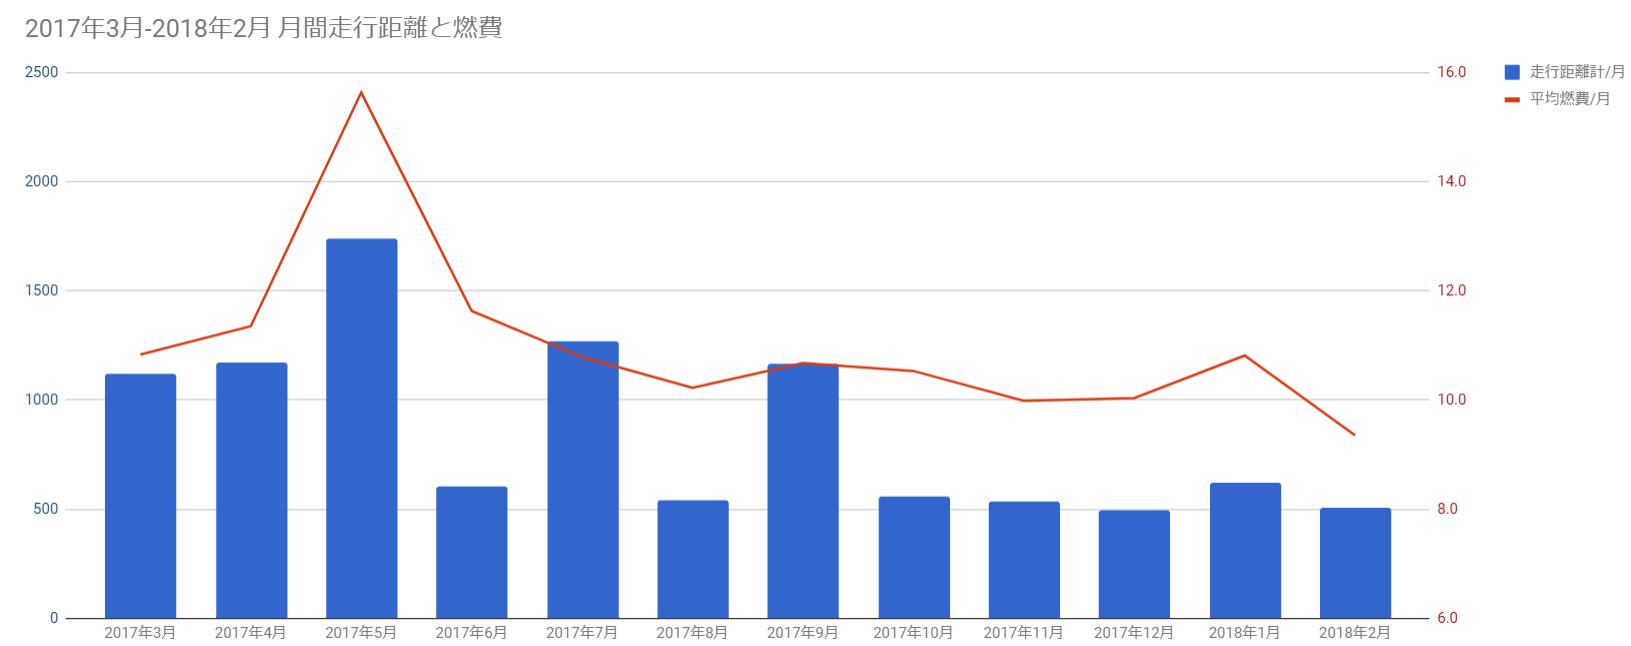 2017年度 レヴォーグ 各月間走行距離・平均燃費まとめ 11.26km/L